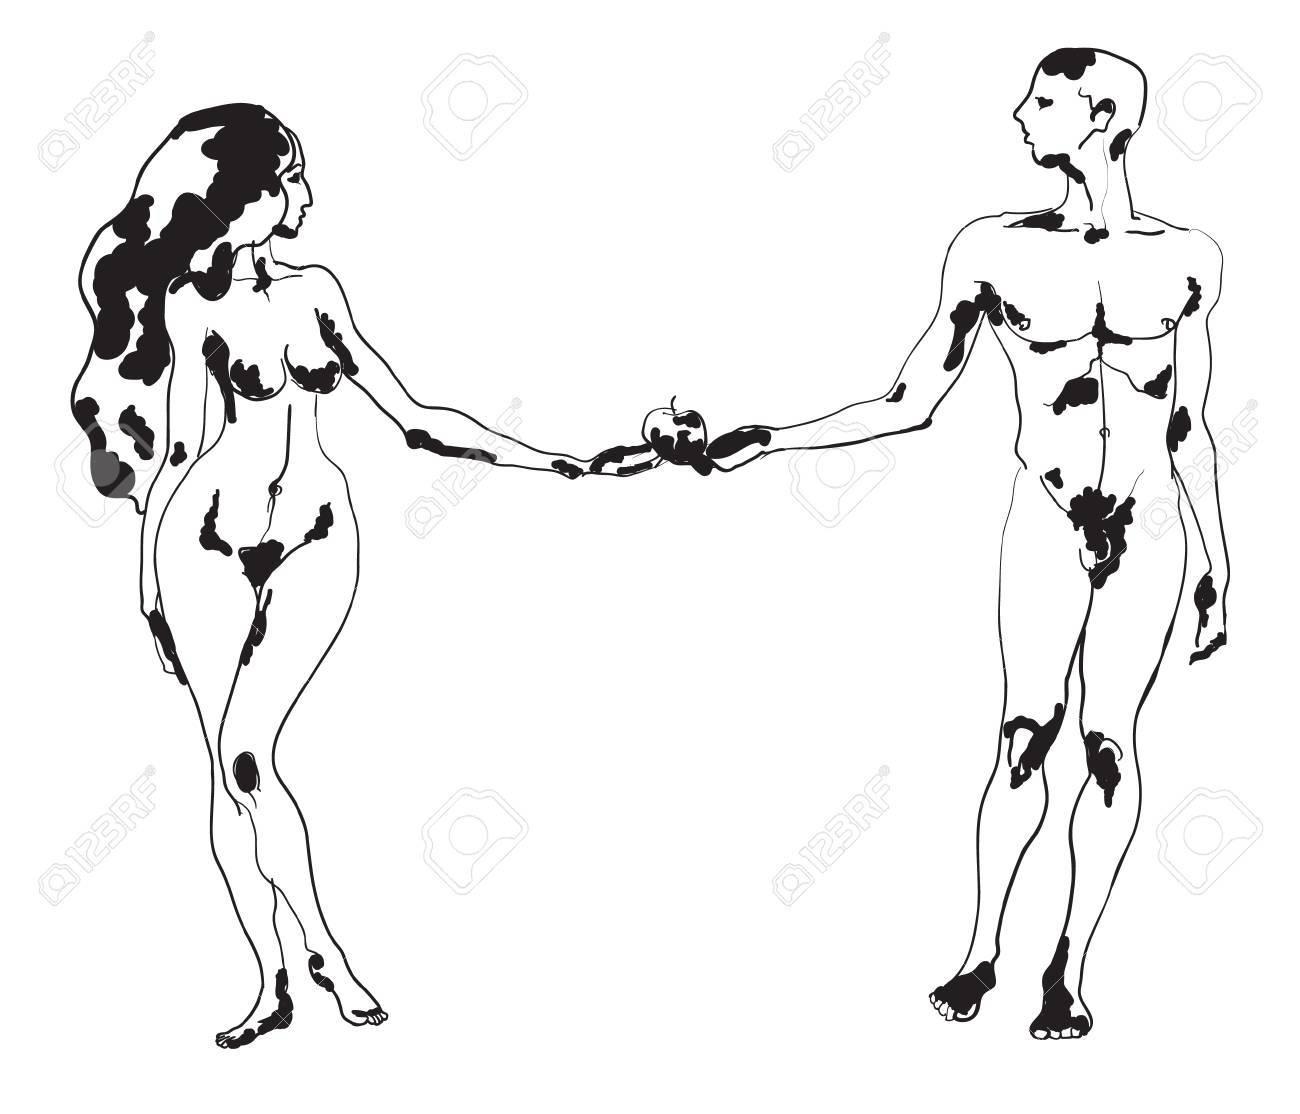 Ilustración Vectorial Dibujado A Mano De Adán Y Eva Con Una Manzana ...